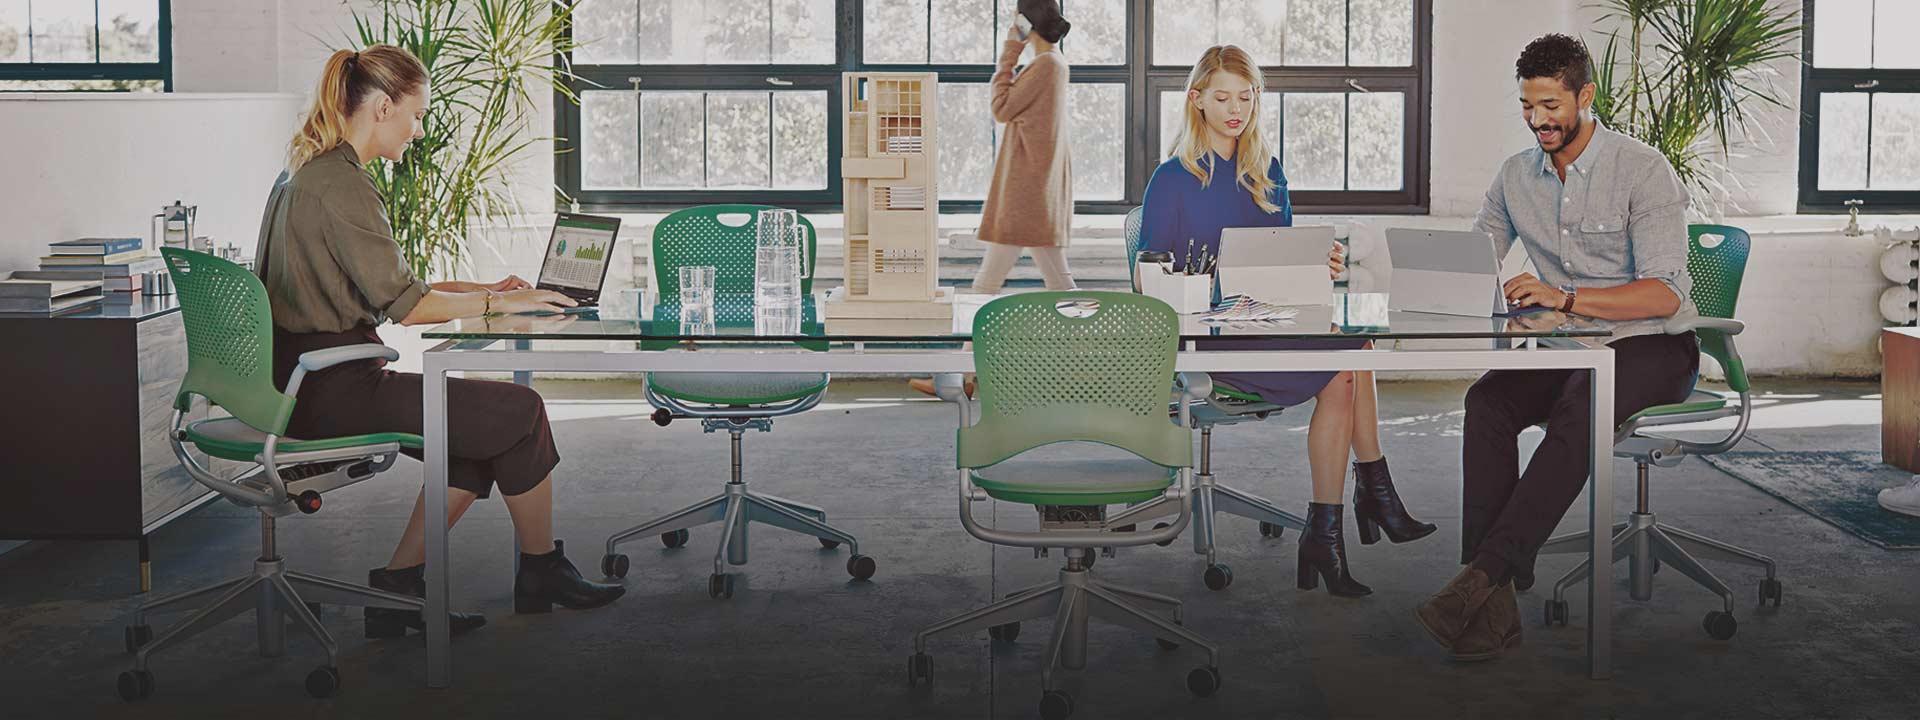 Офісні працівники, дізнайтеся більше про Office365